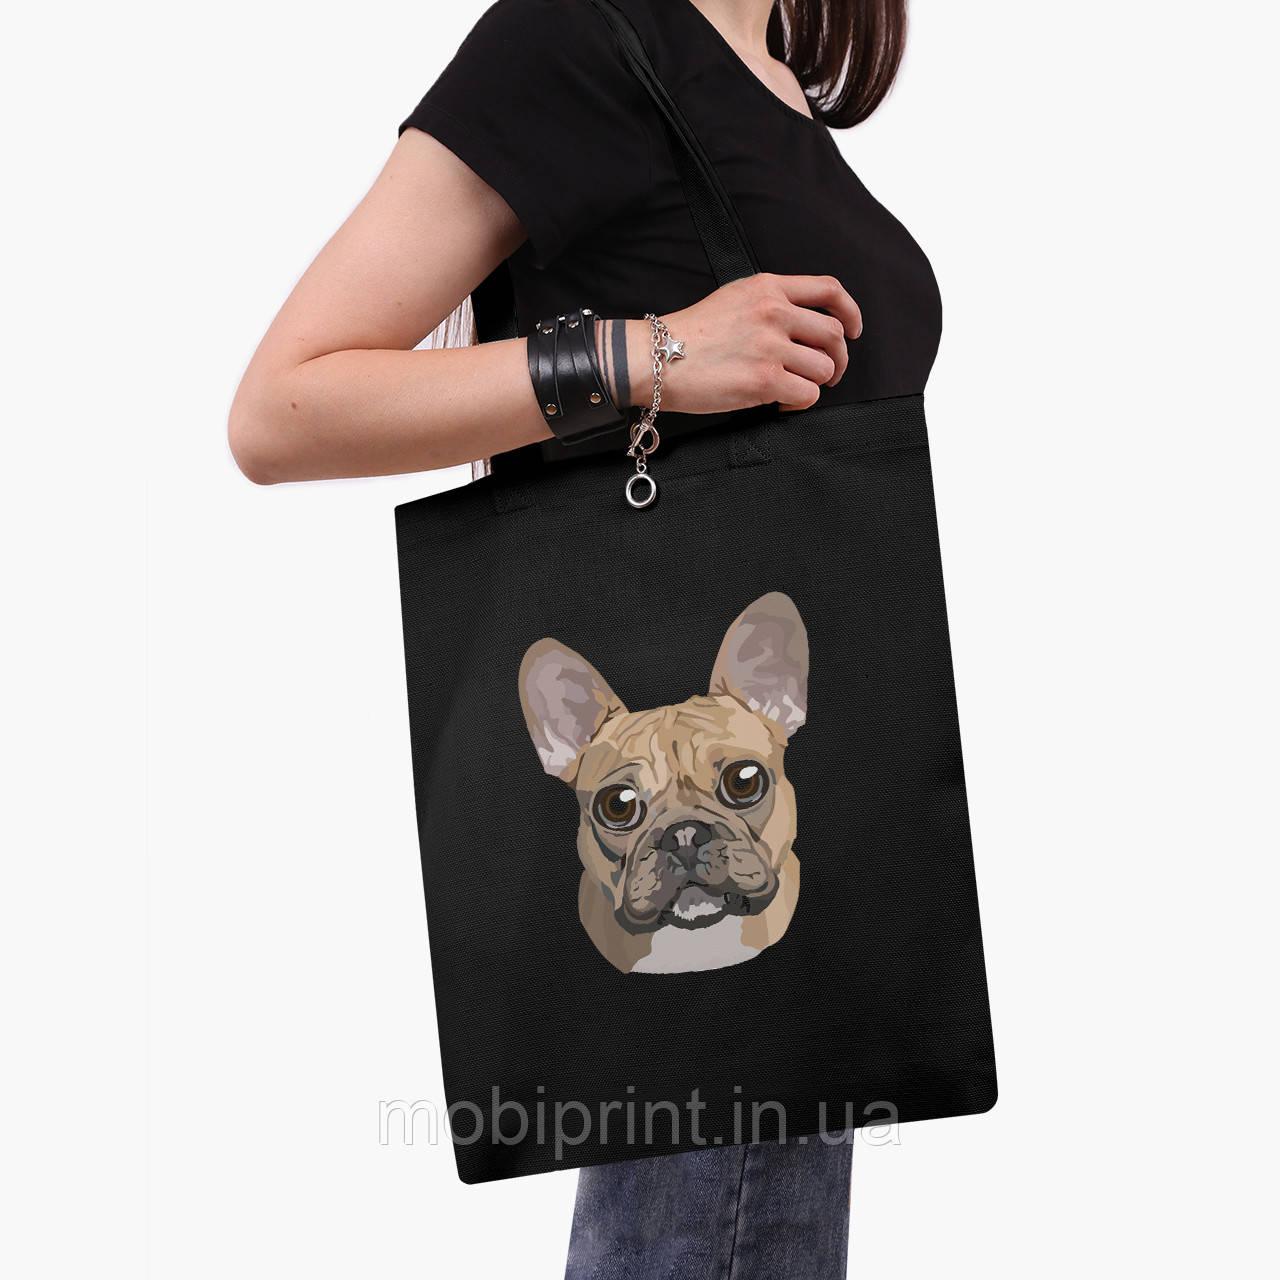 Эко сумка шоппер черная Французкий бульдог (9227-2857-2)  41*35 см